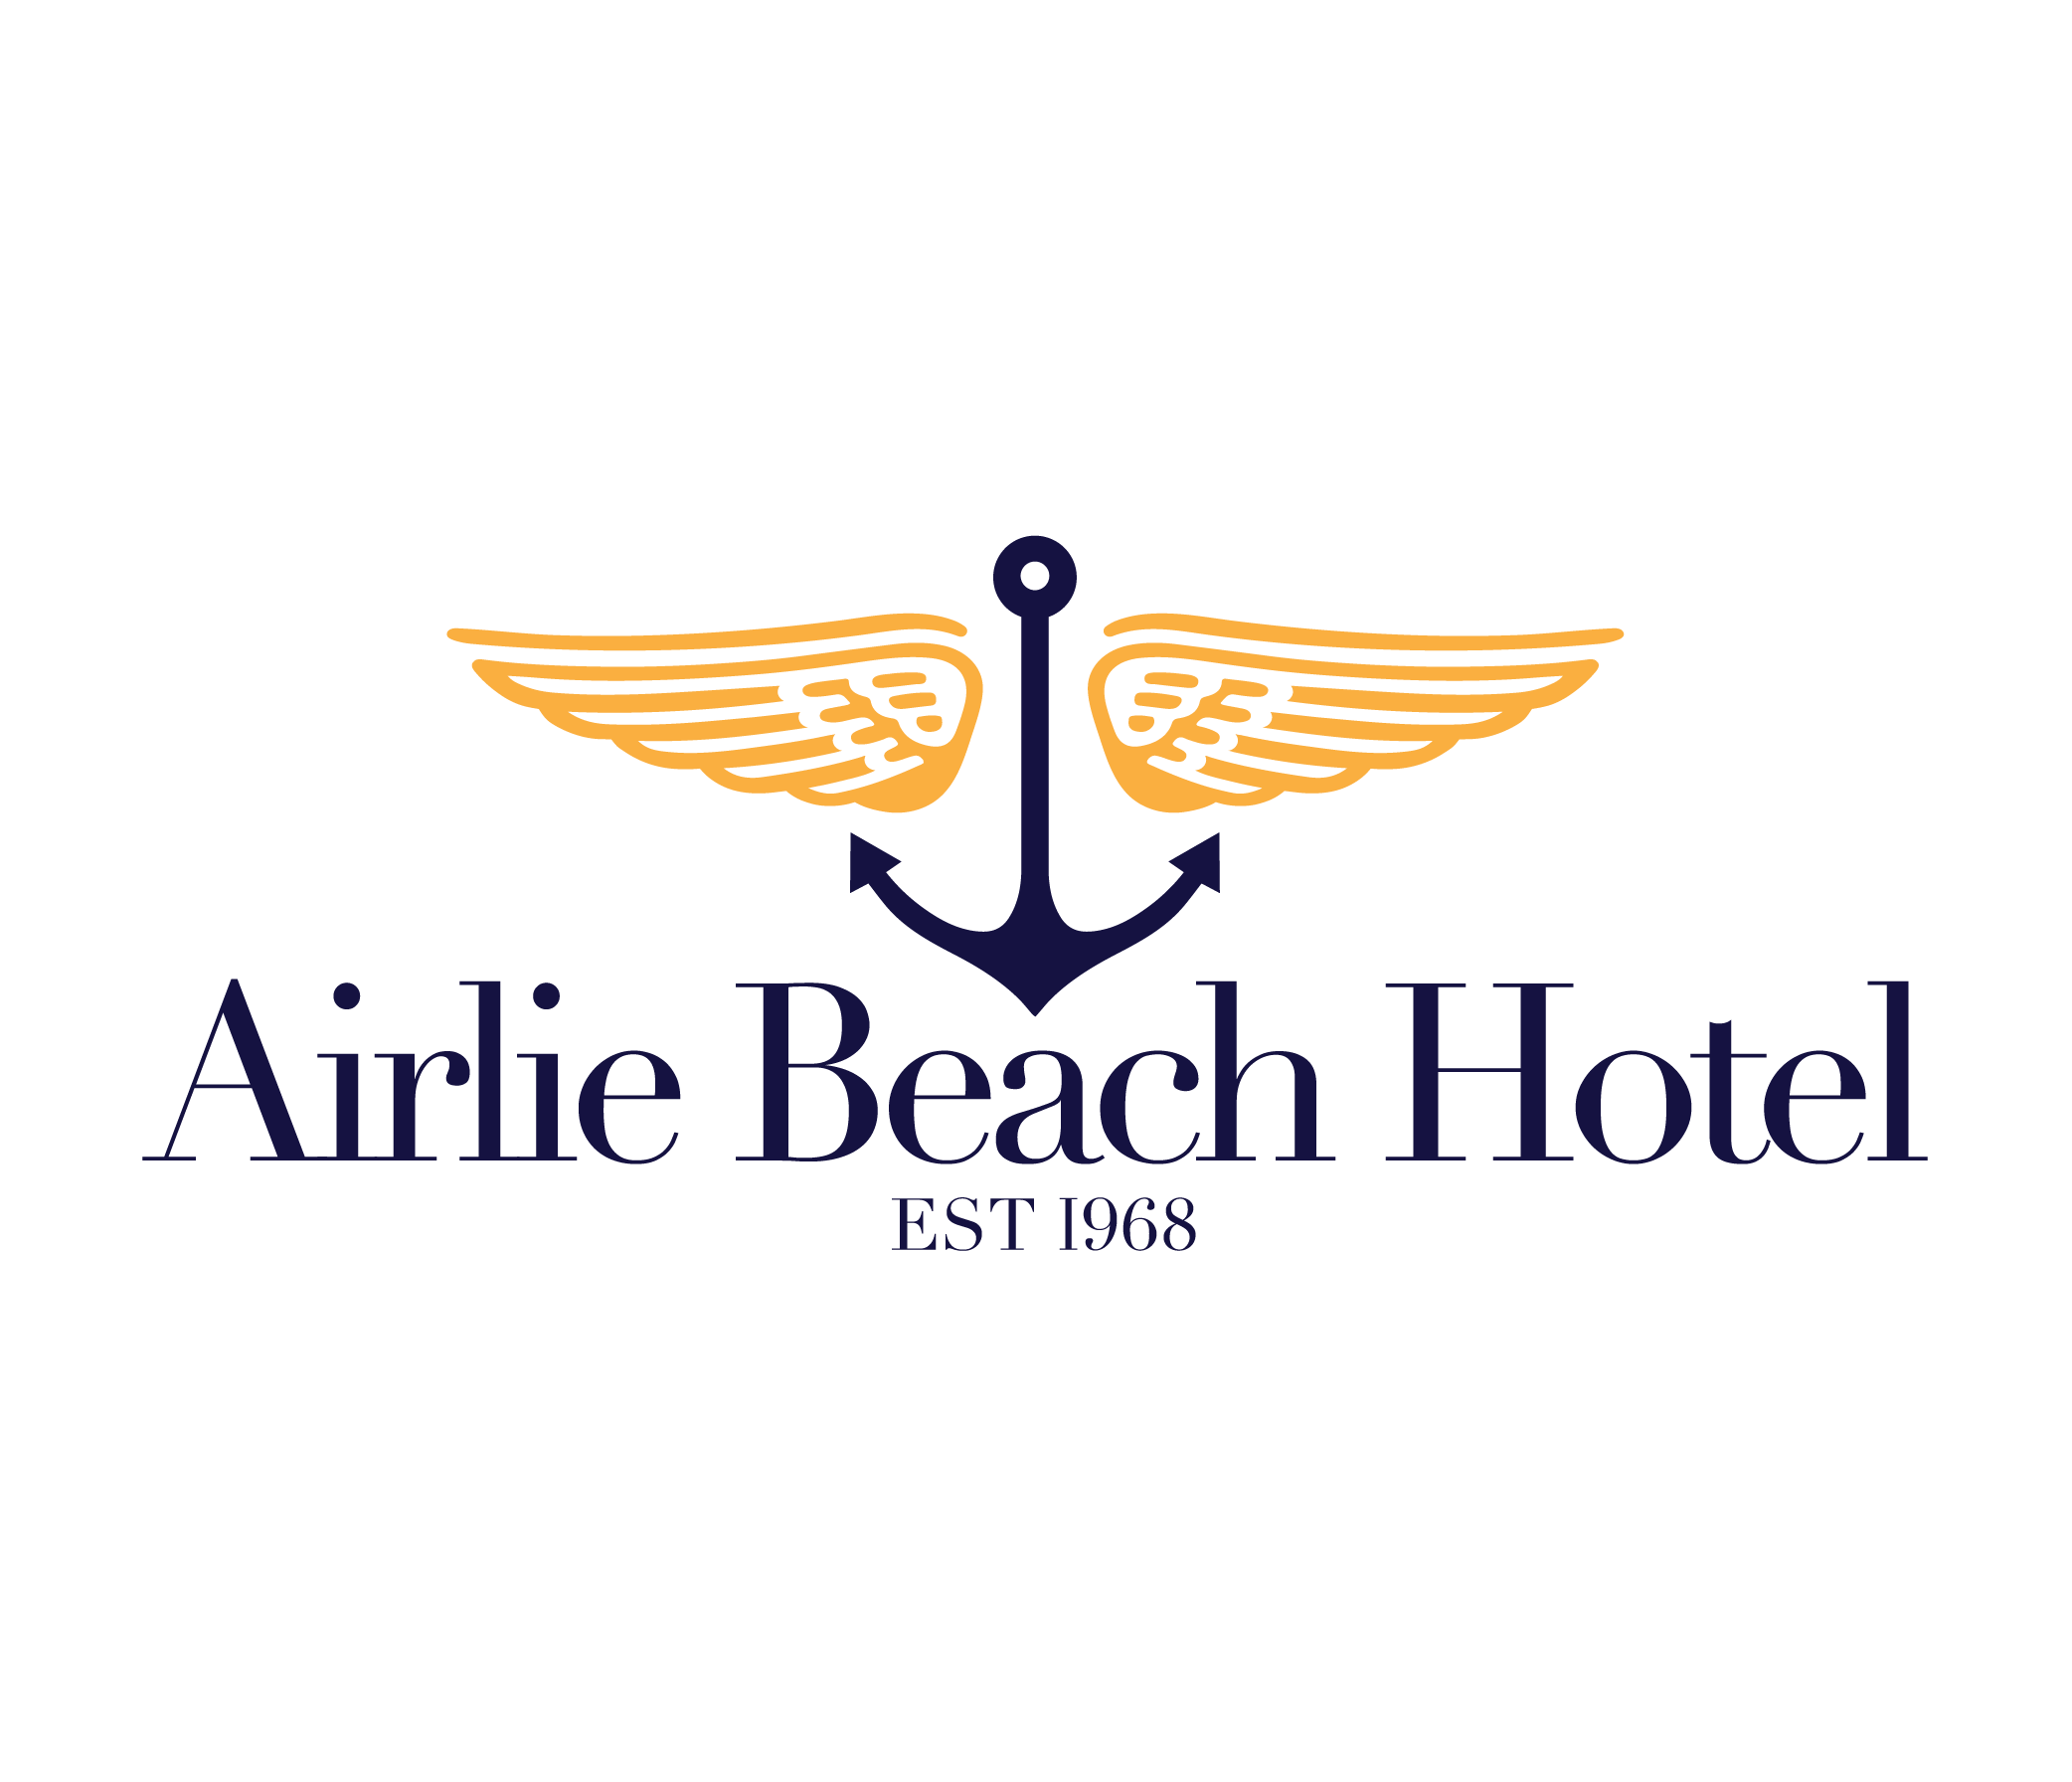 Airlie Beach Hotel